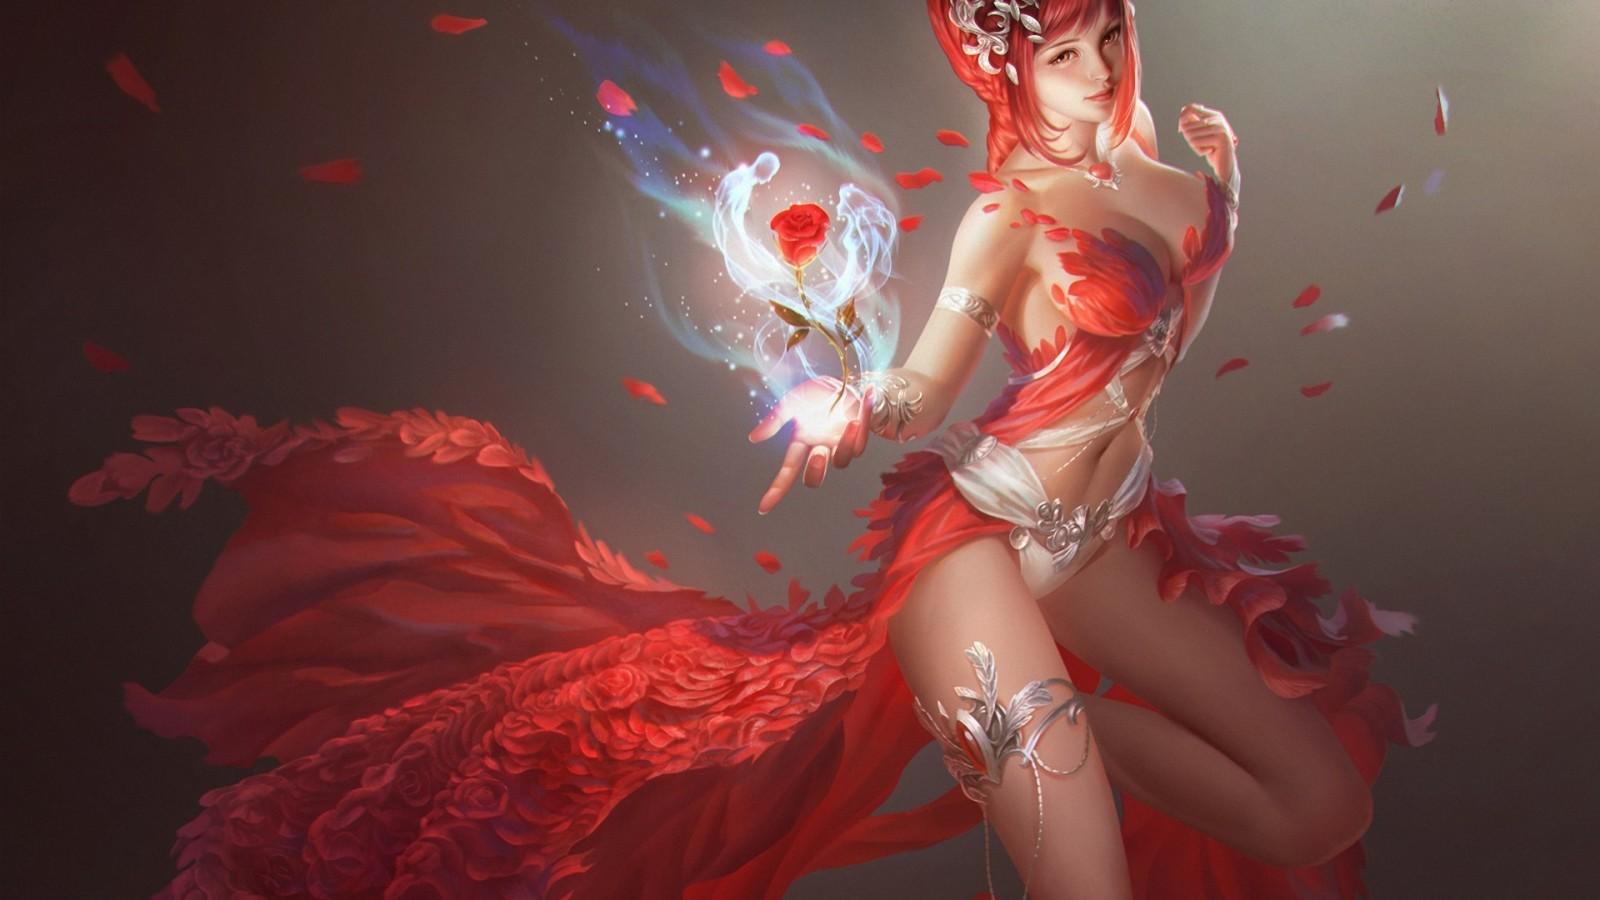 Fantasy magician nackt porn gallery